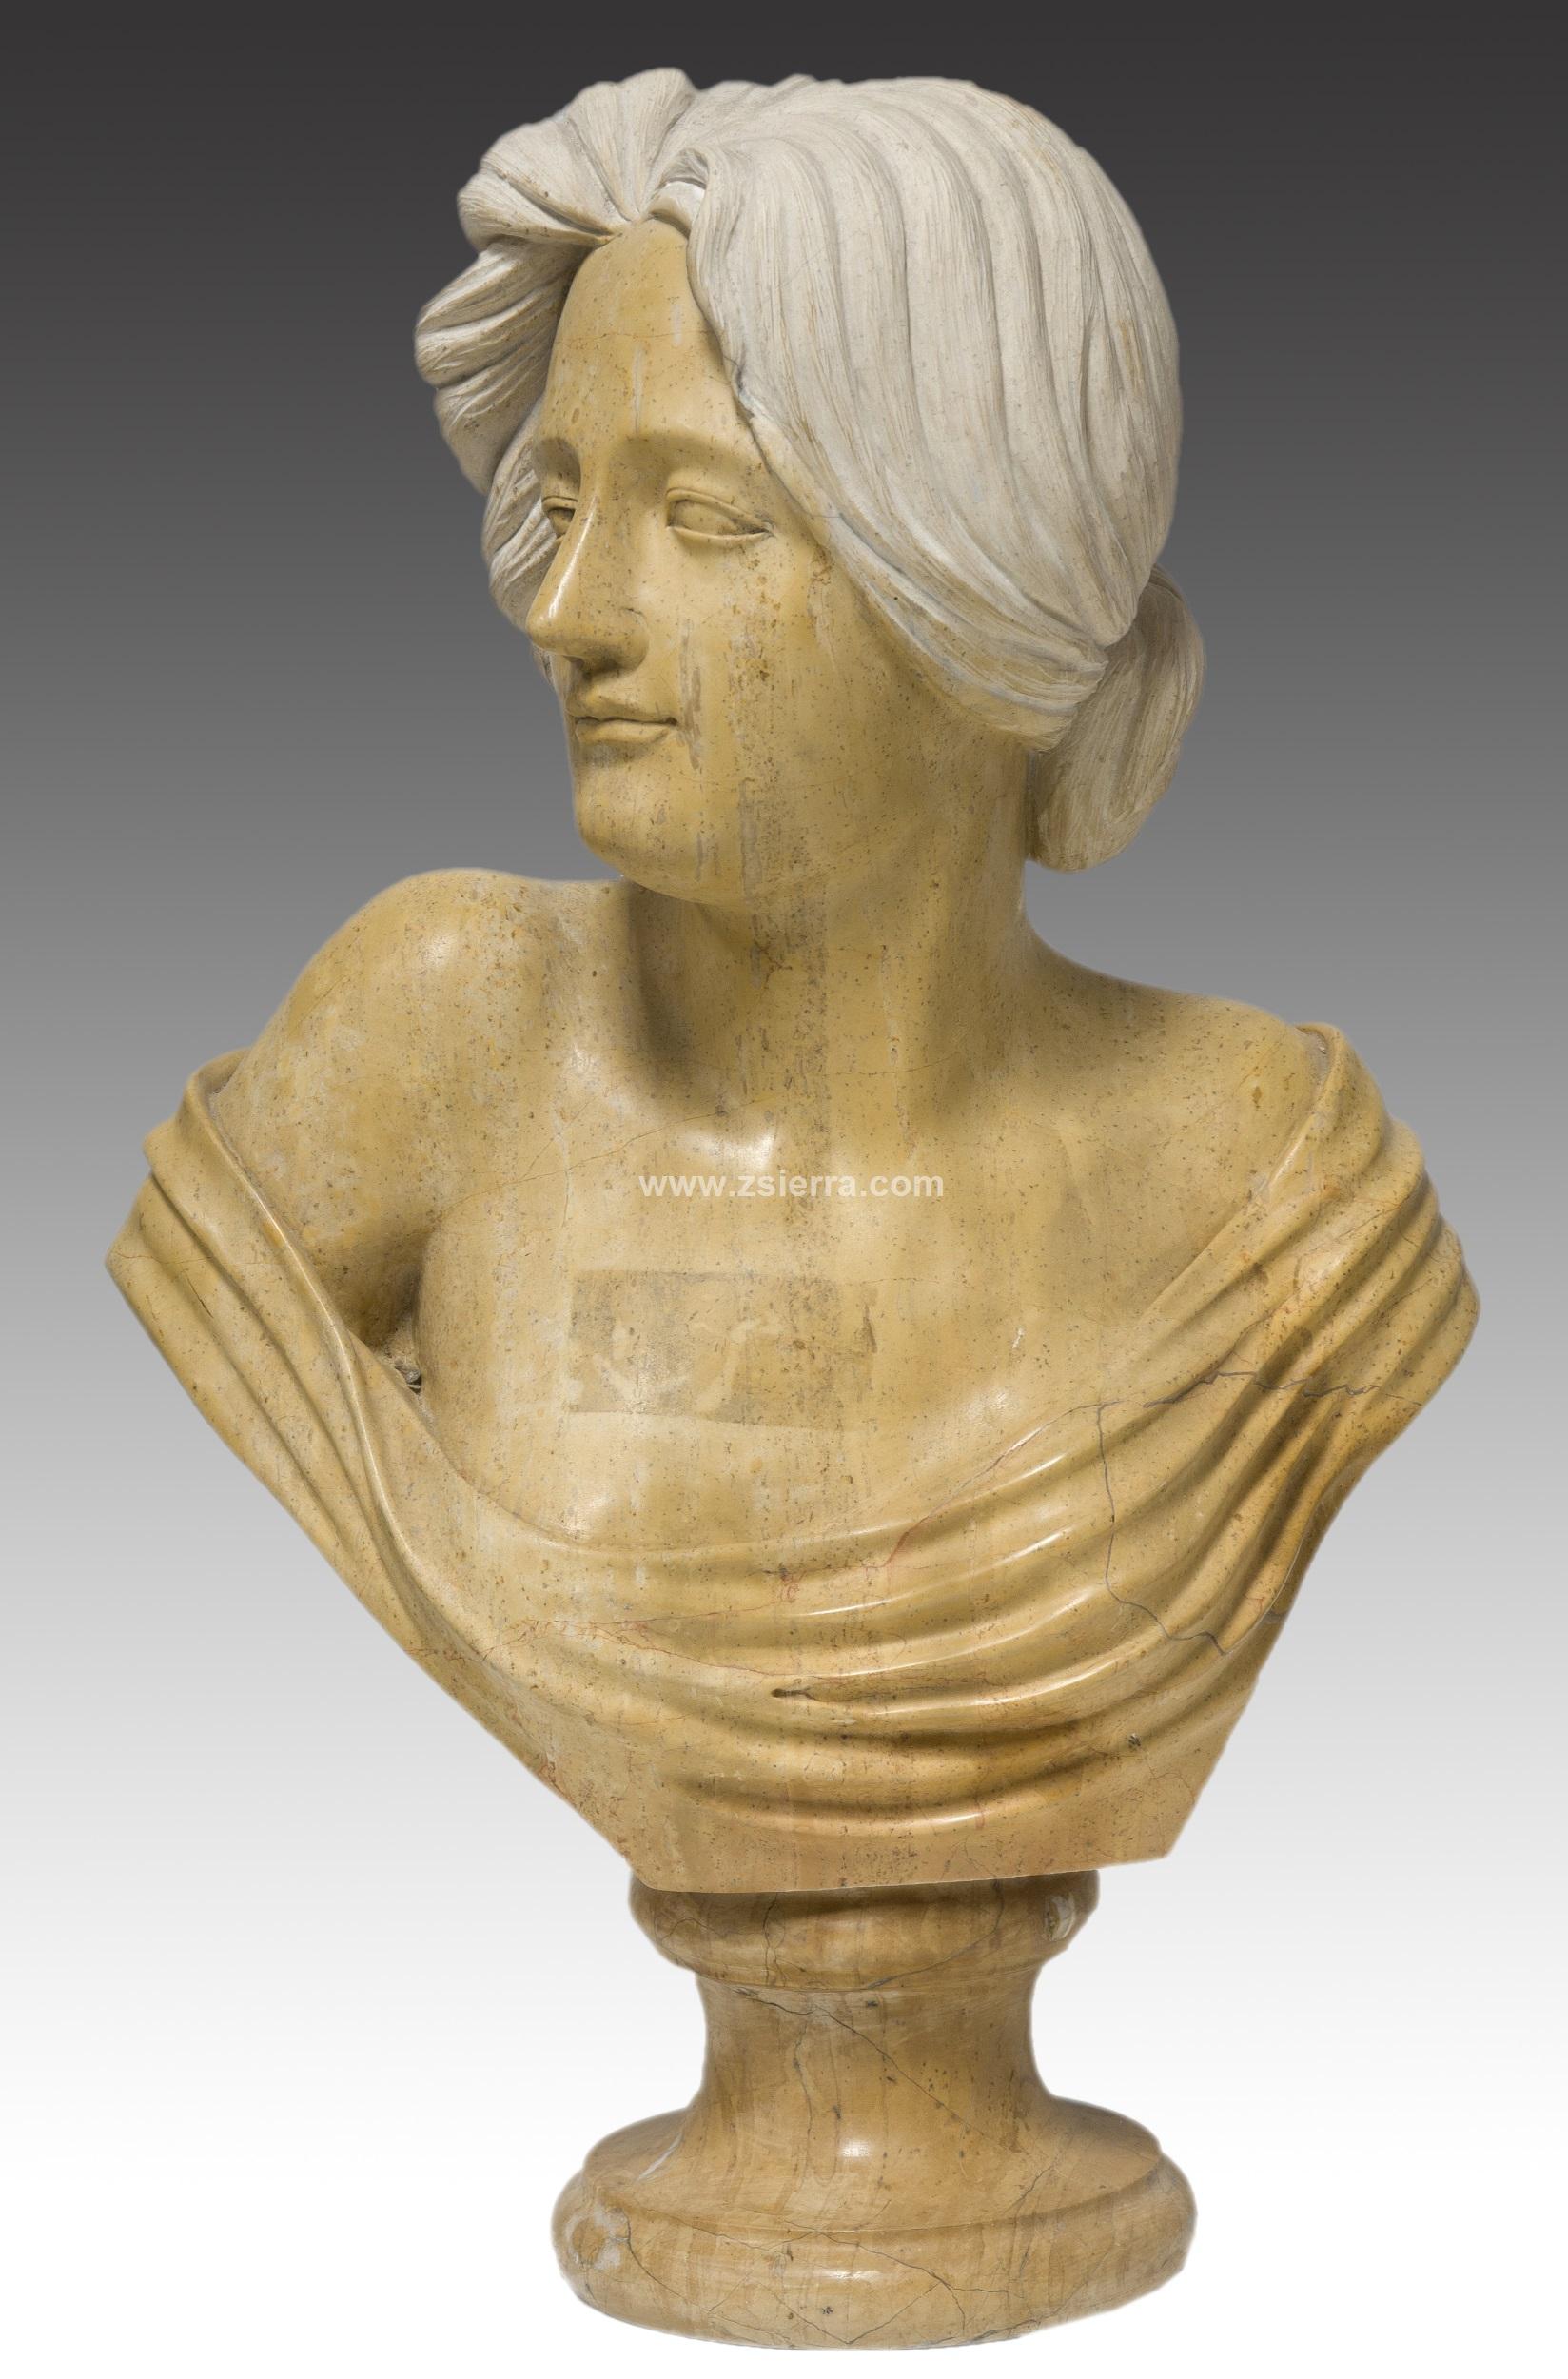 Z sierra antig edades y objetos de decoraci n busto - Esculturas decoracion ...